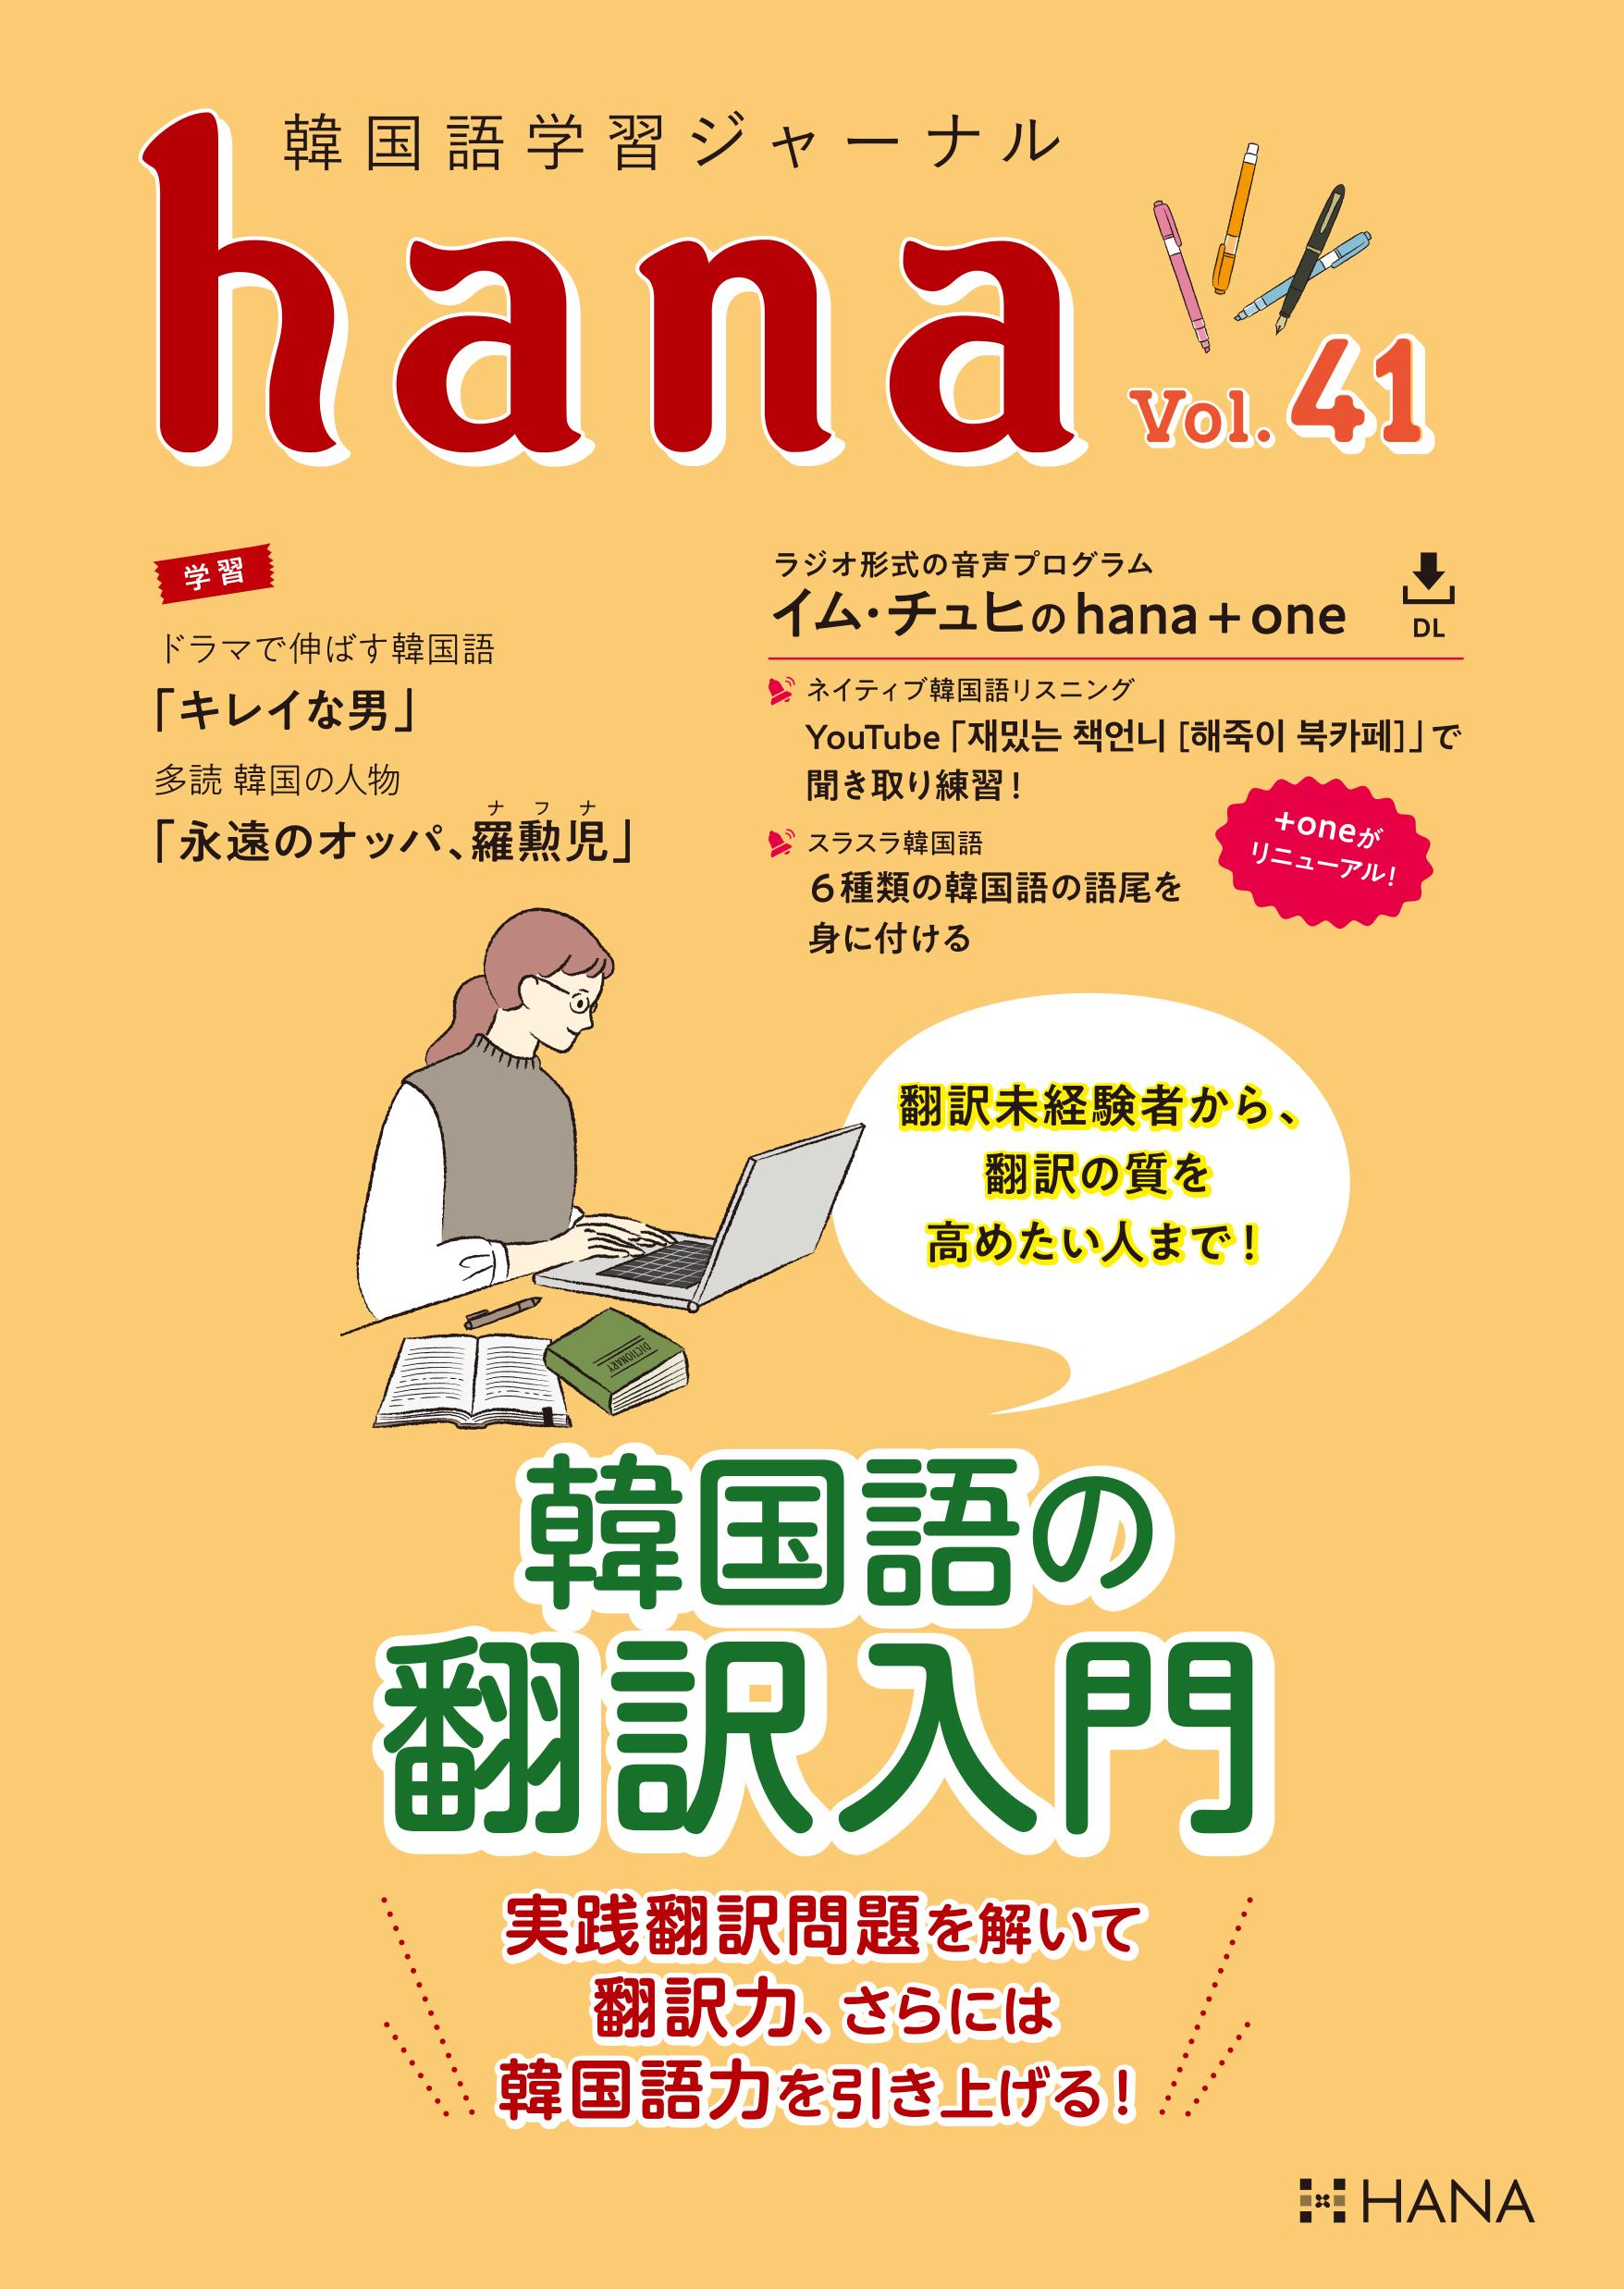 『韓国語学習ジャーナルhana Vol. 41』のイメージ